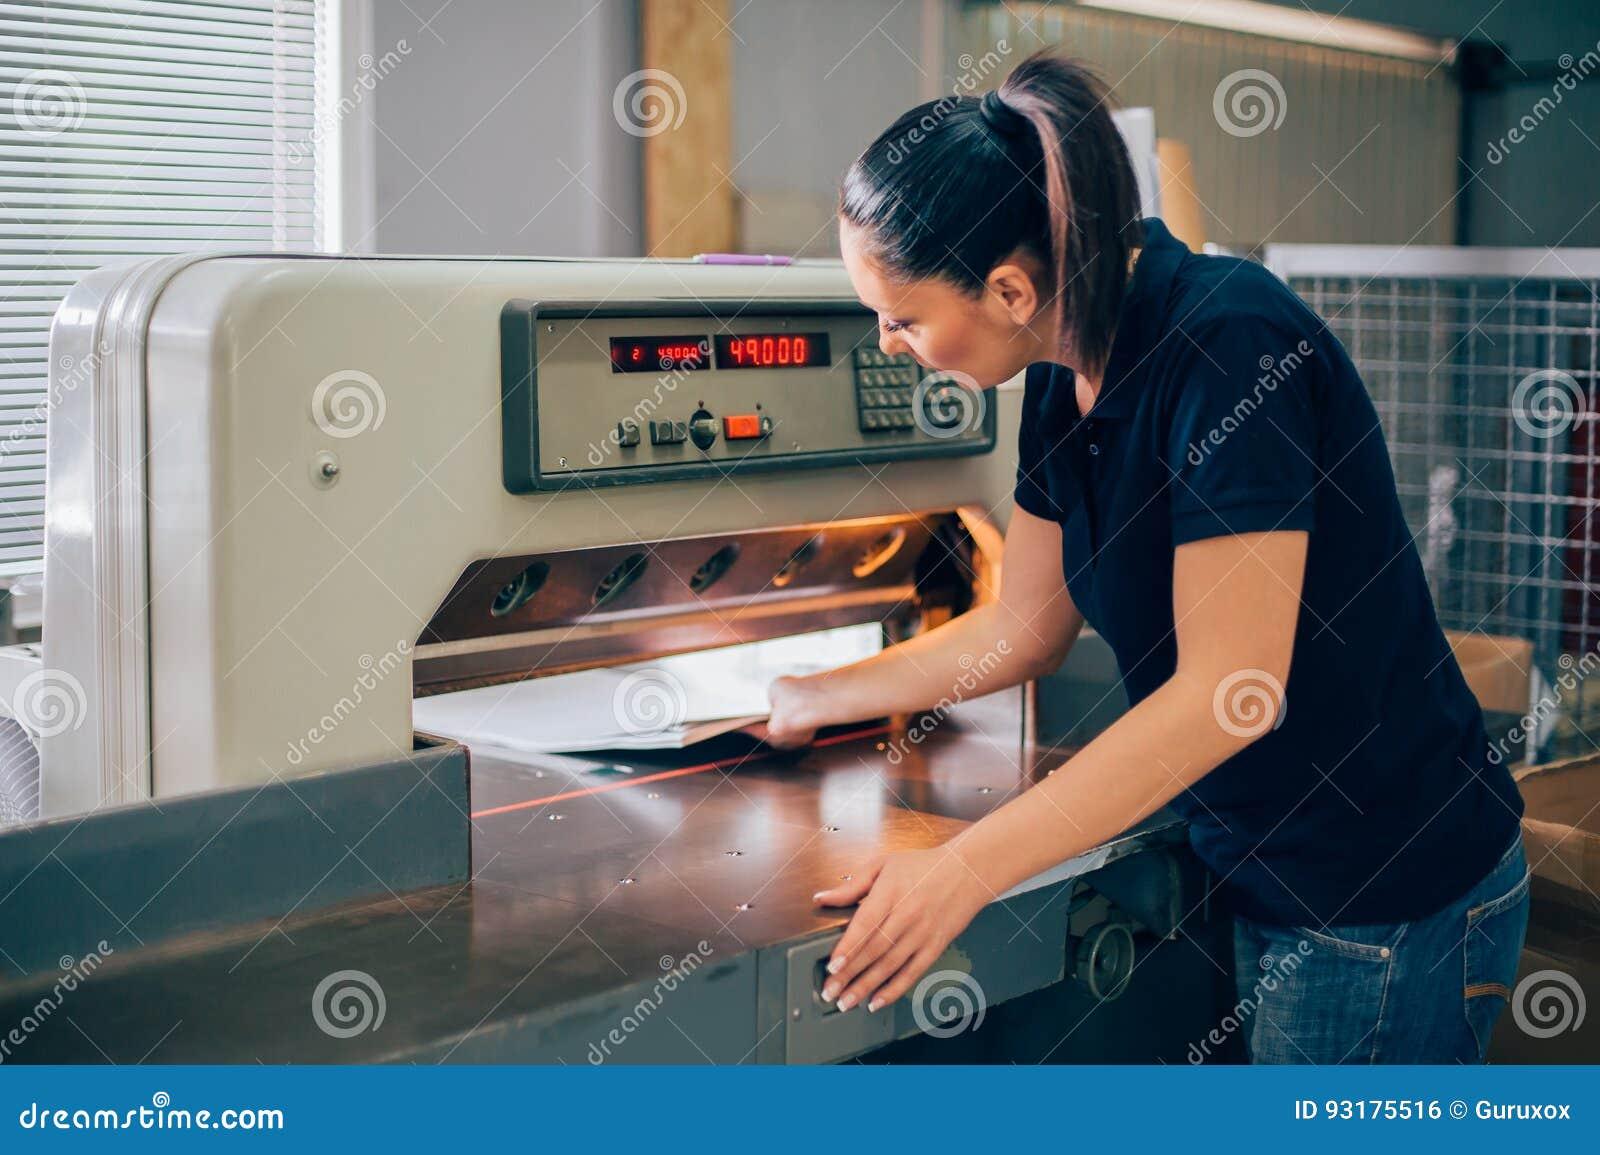 Arbeitskraft, wenn guillotinen-Maschinenmesser des centar Gebrauches Papiergedruckt wird